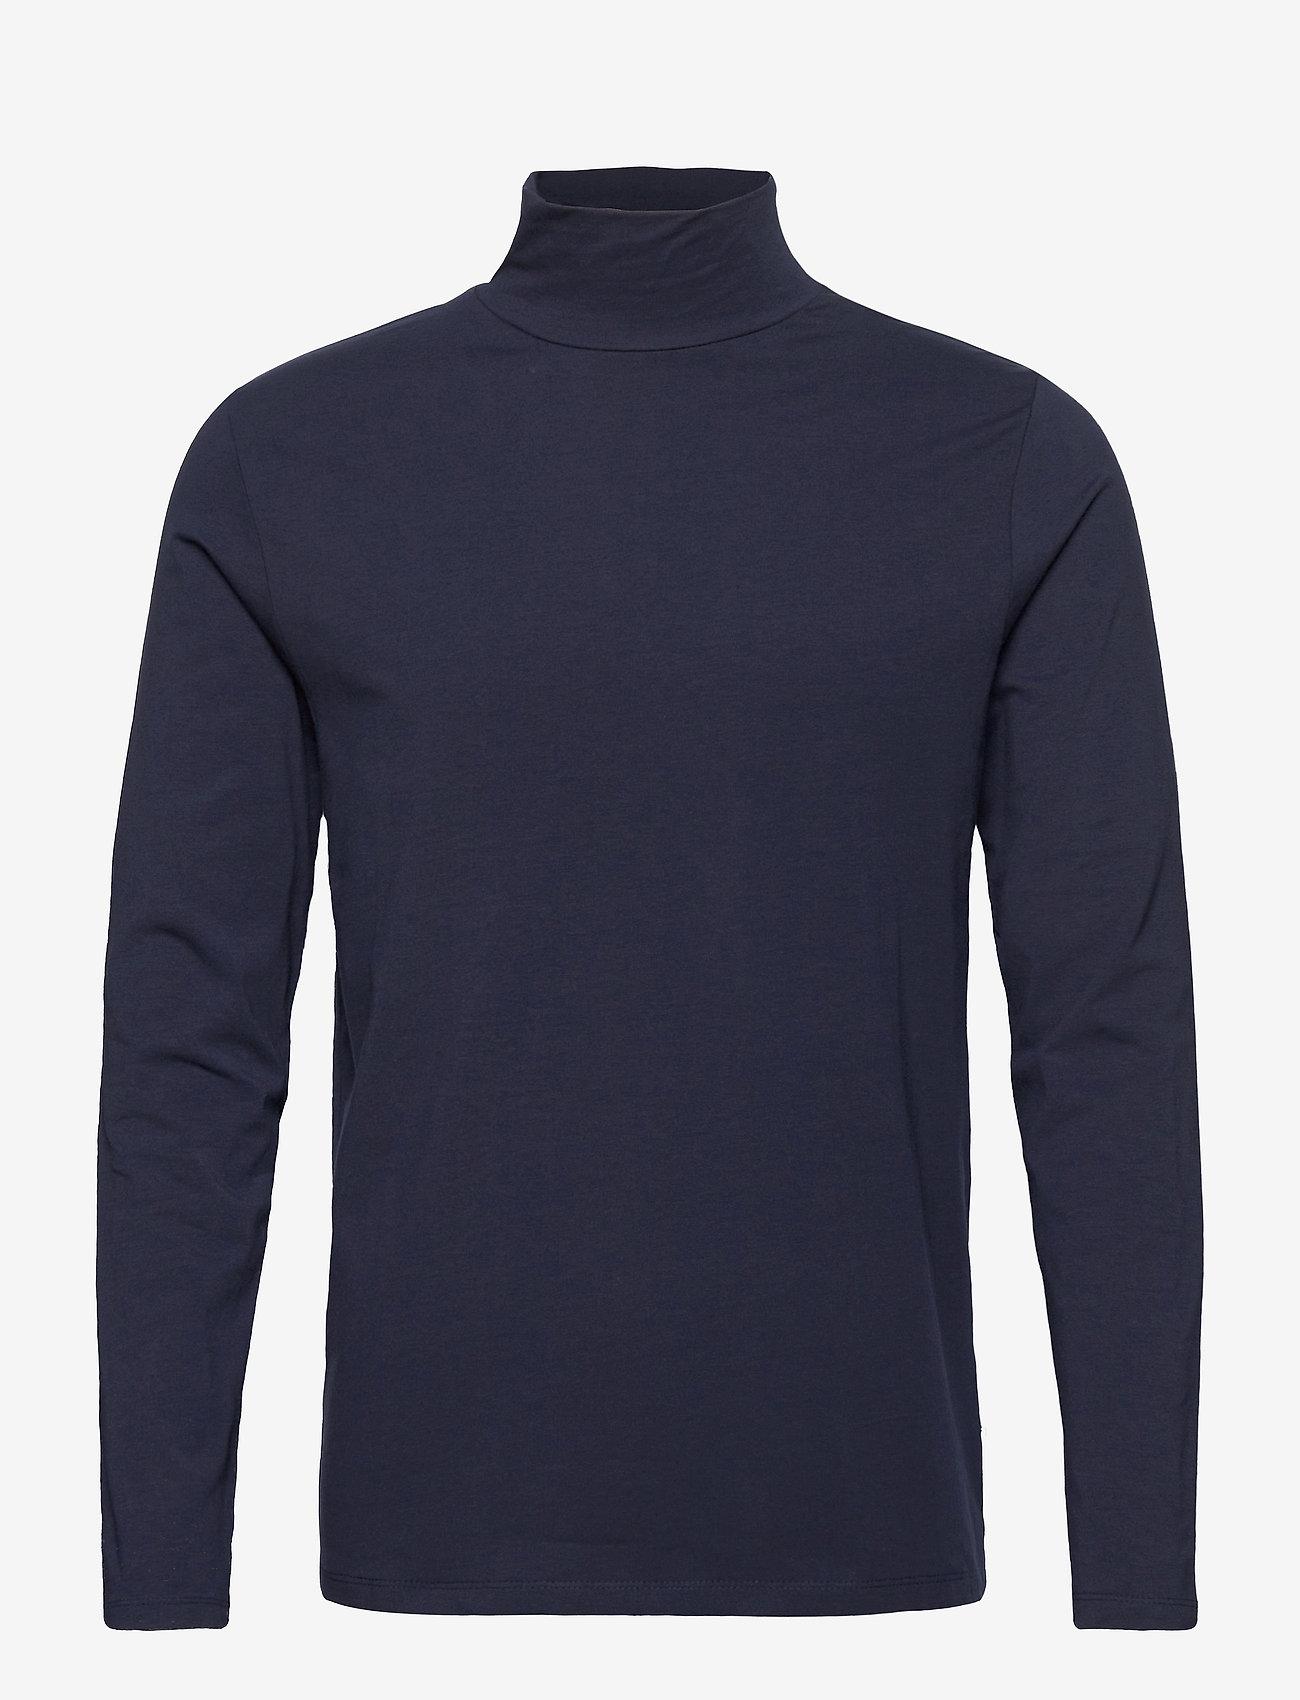 Lindbergh Turtle neck tee L/S - T-skjorter DK BLUE - Menn Klær